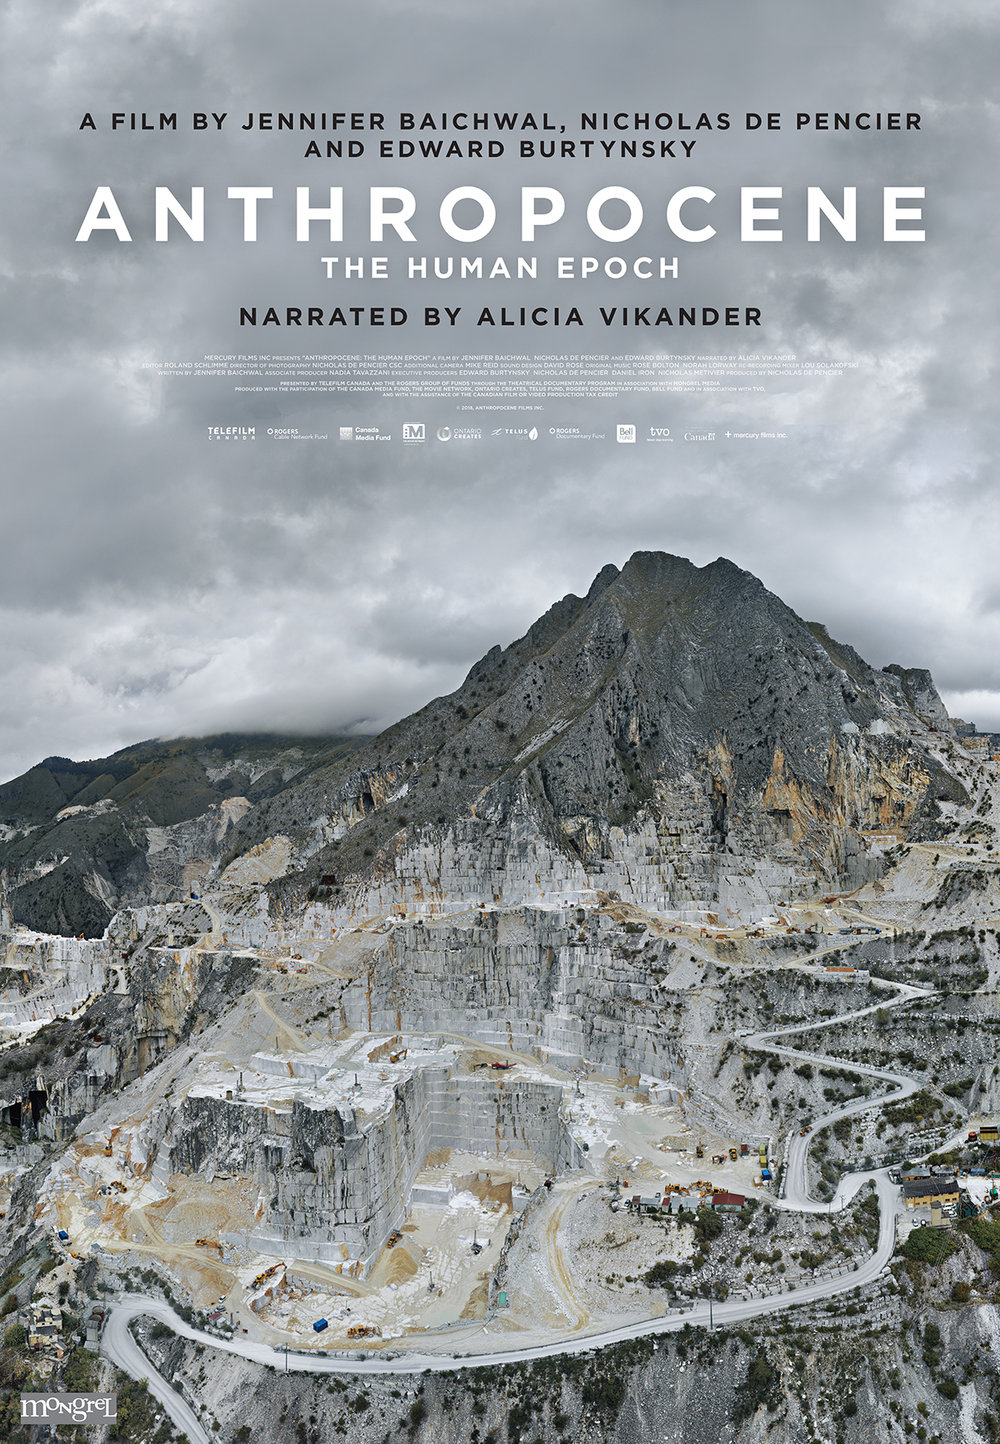 Anthropocene_MON_Poster.jpg